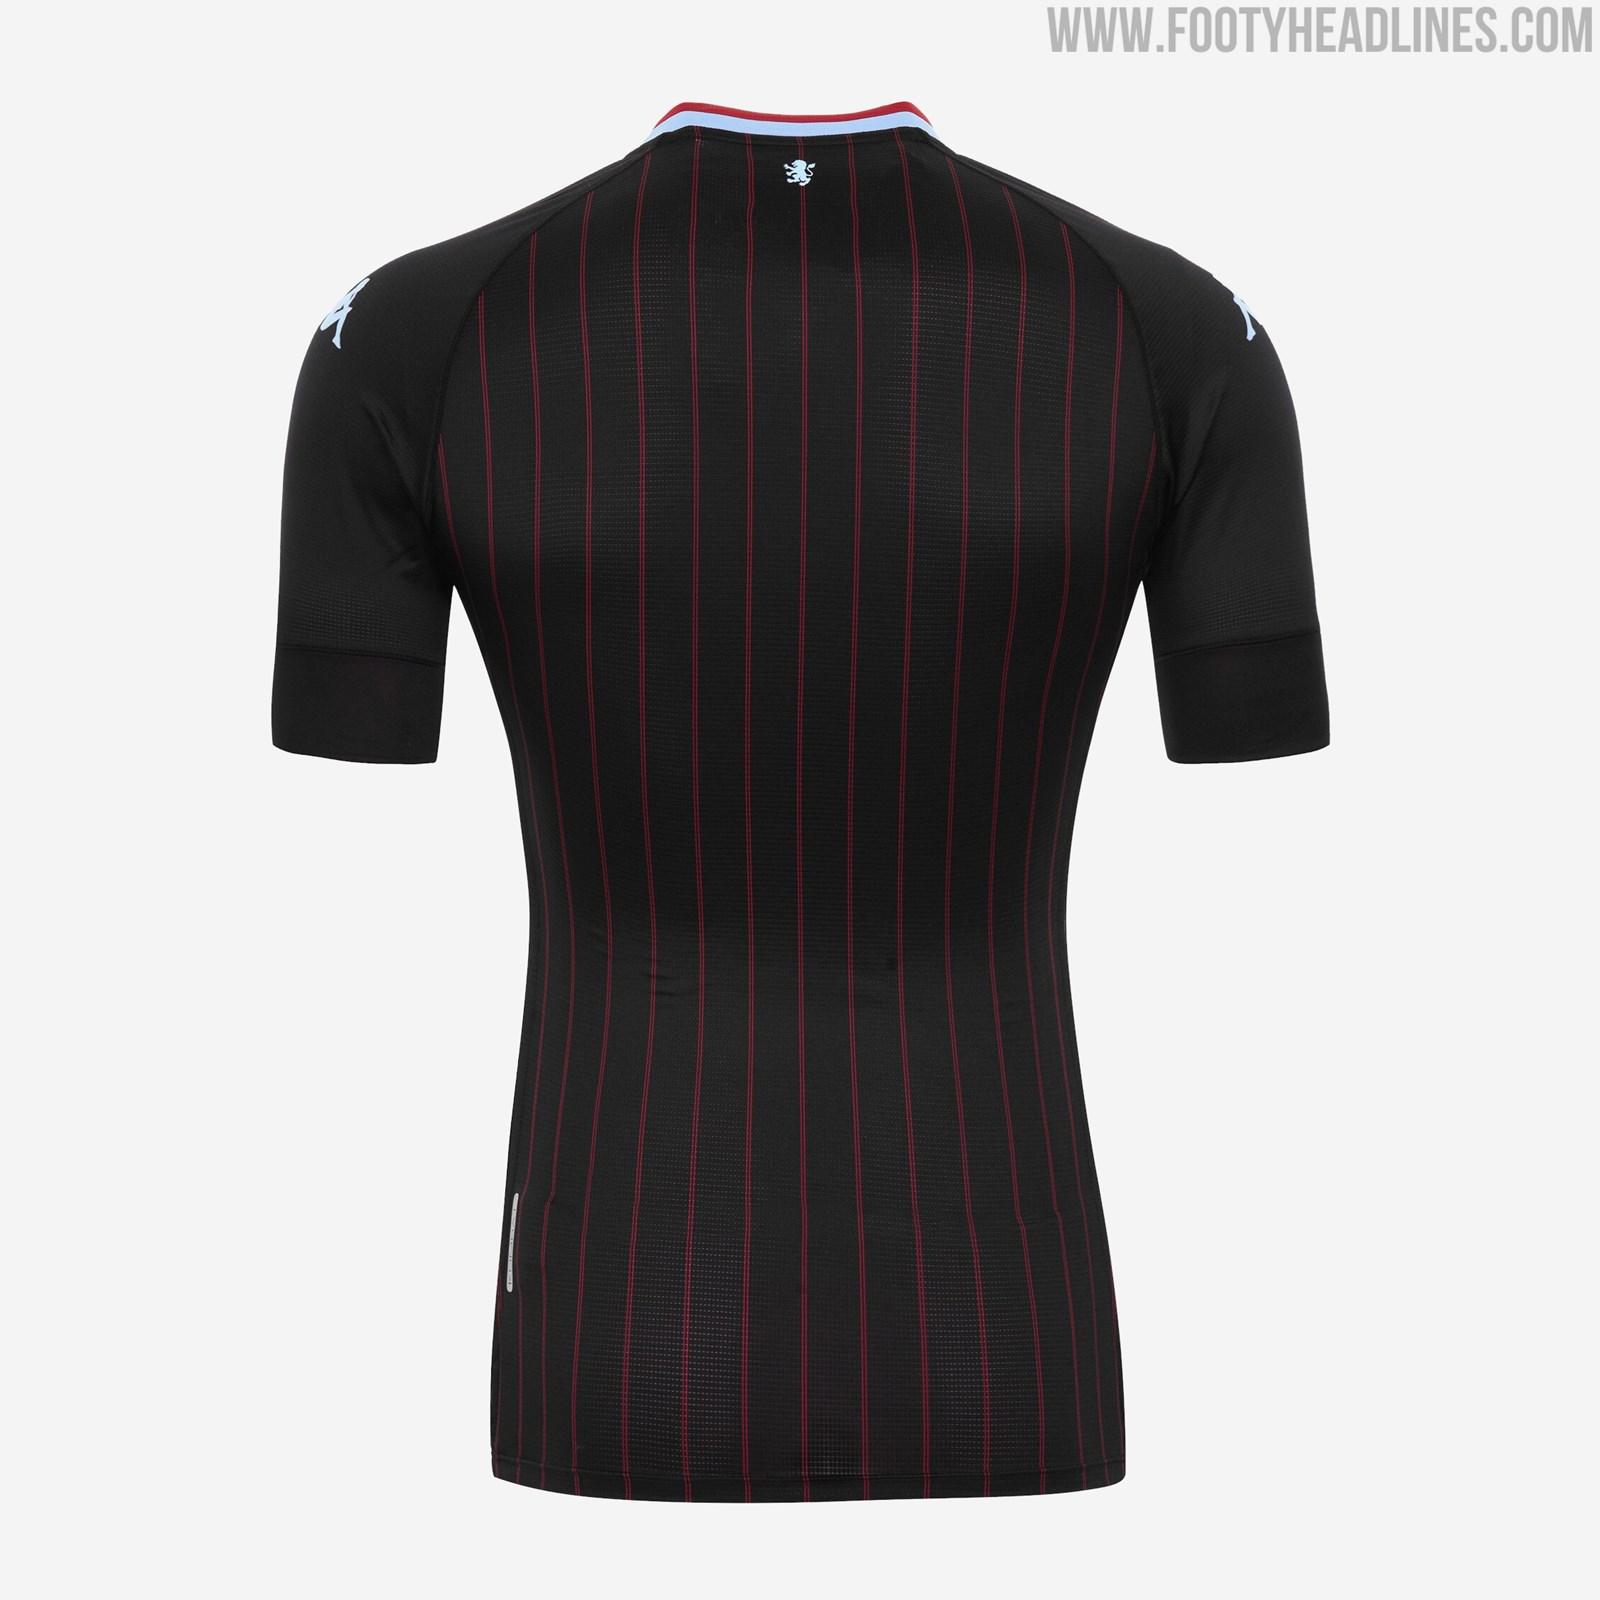 Aston Villa 20-21 Away Kit Released + Third Kit Leaked ...